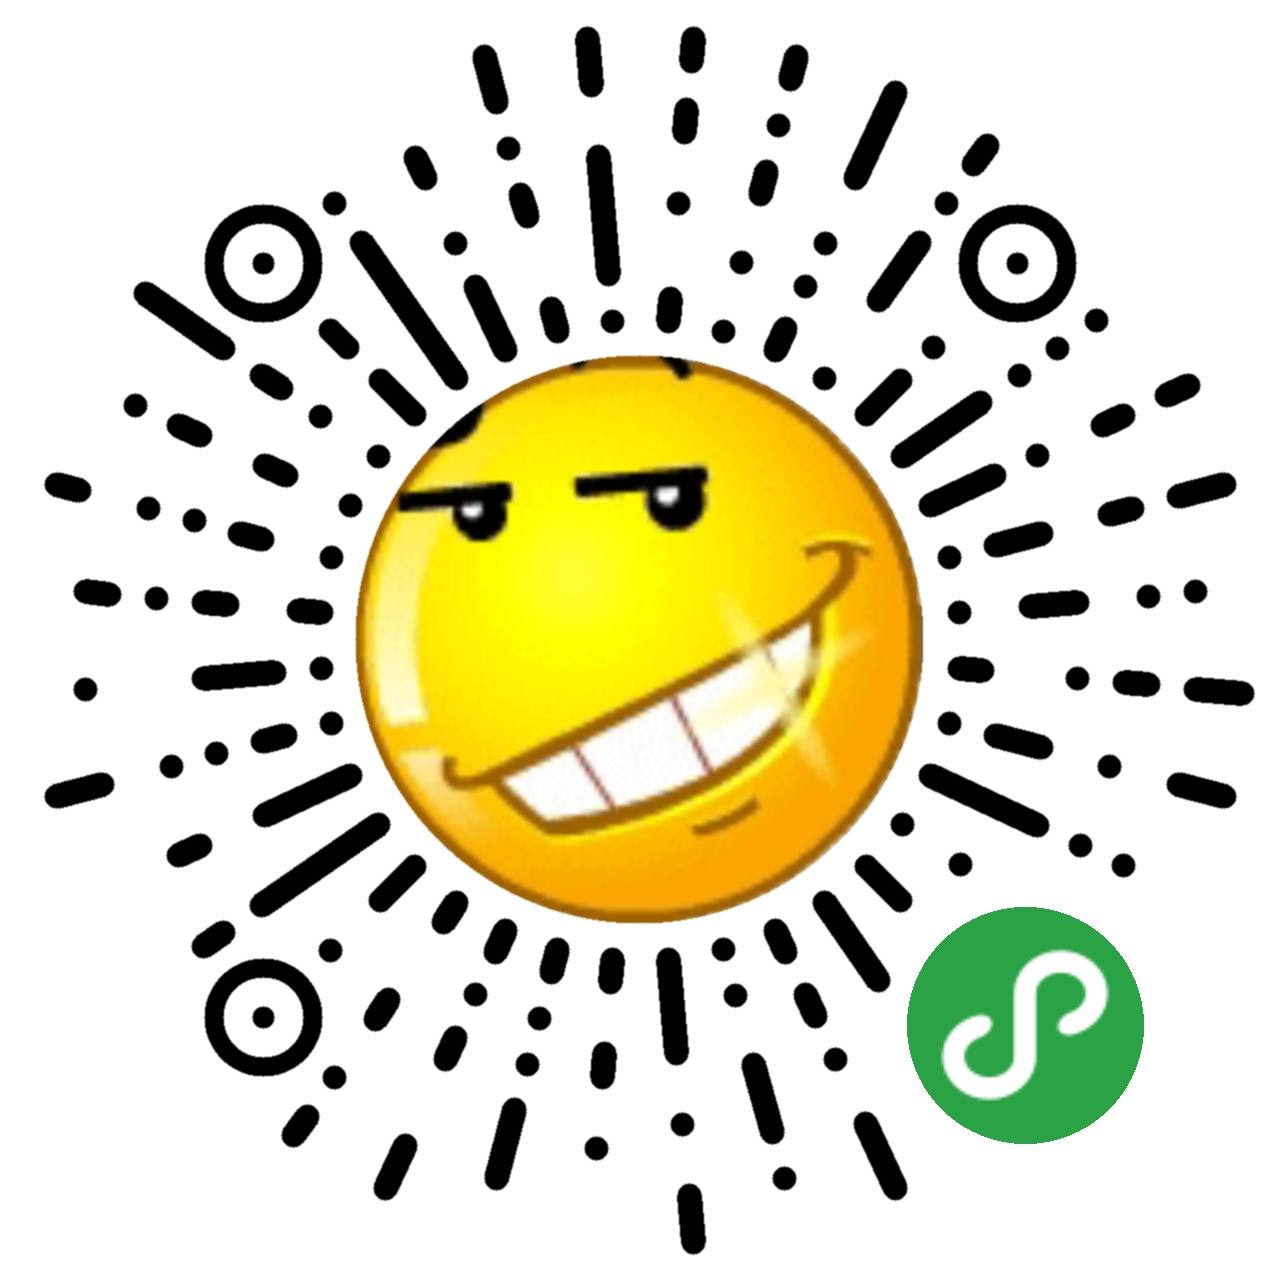 微航聊天表情工具表情制作,为你开启斗图模式!